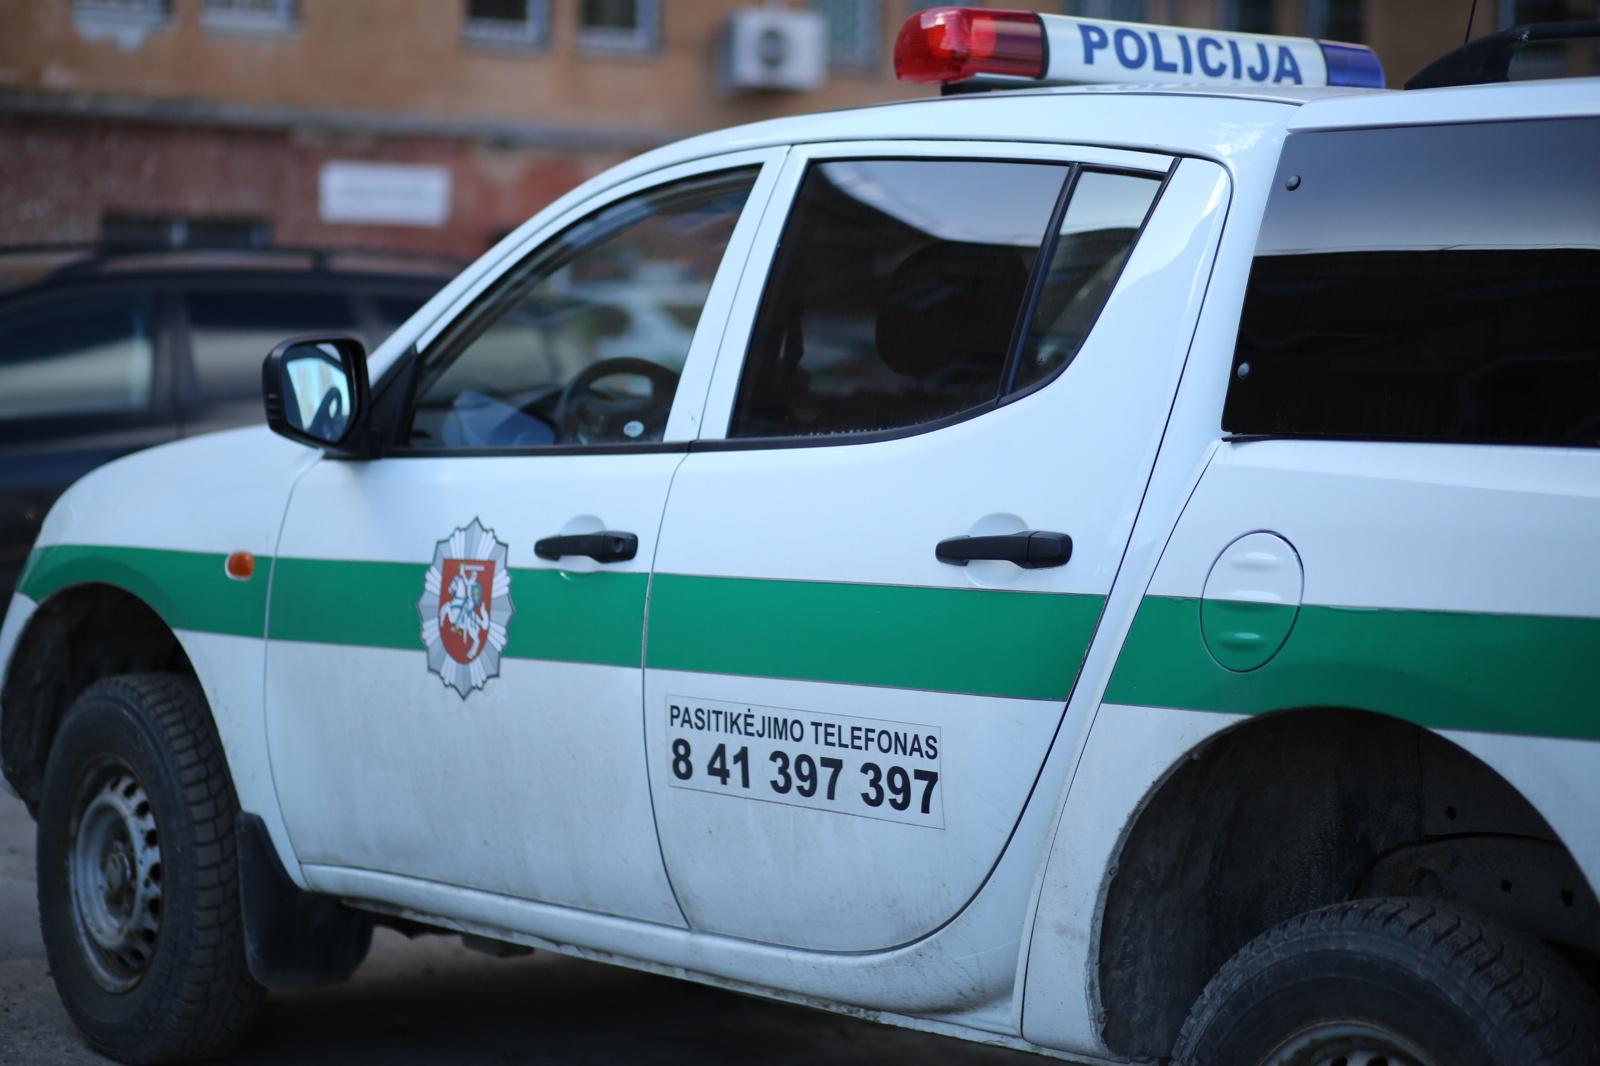 Biržų rajone į medį atsitrenkė automobilis, nukentėjo du žmonės